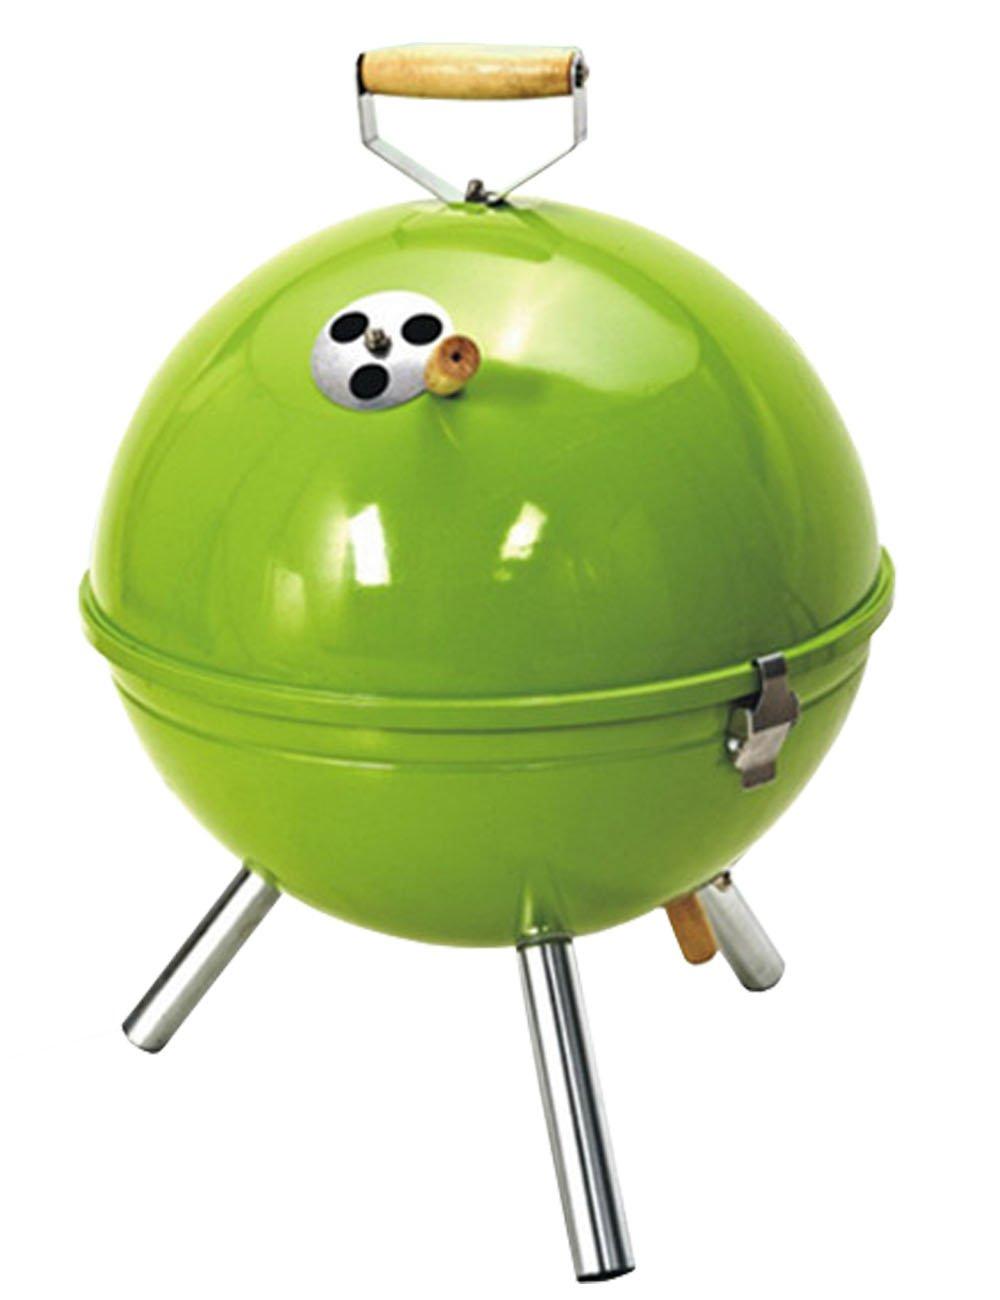 Herrenchwear Eisen sphärische Outdoor Portable BBQ Camping Grills 31cm 12